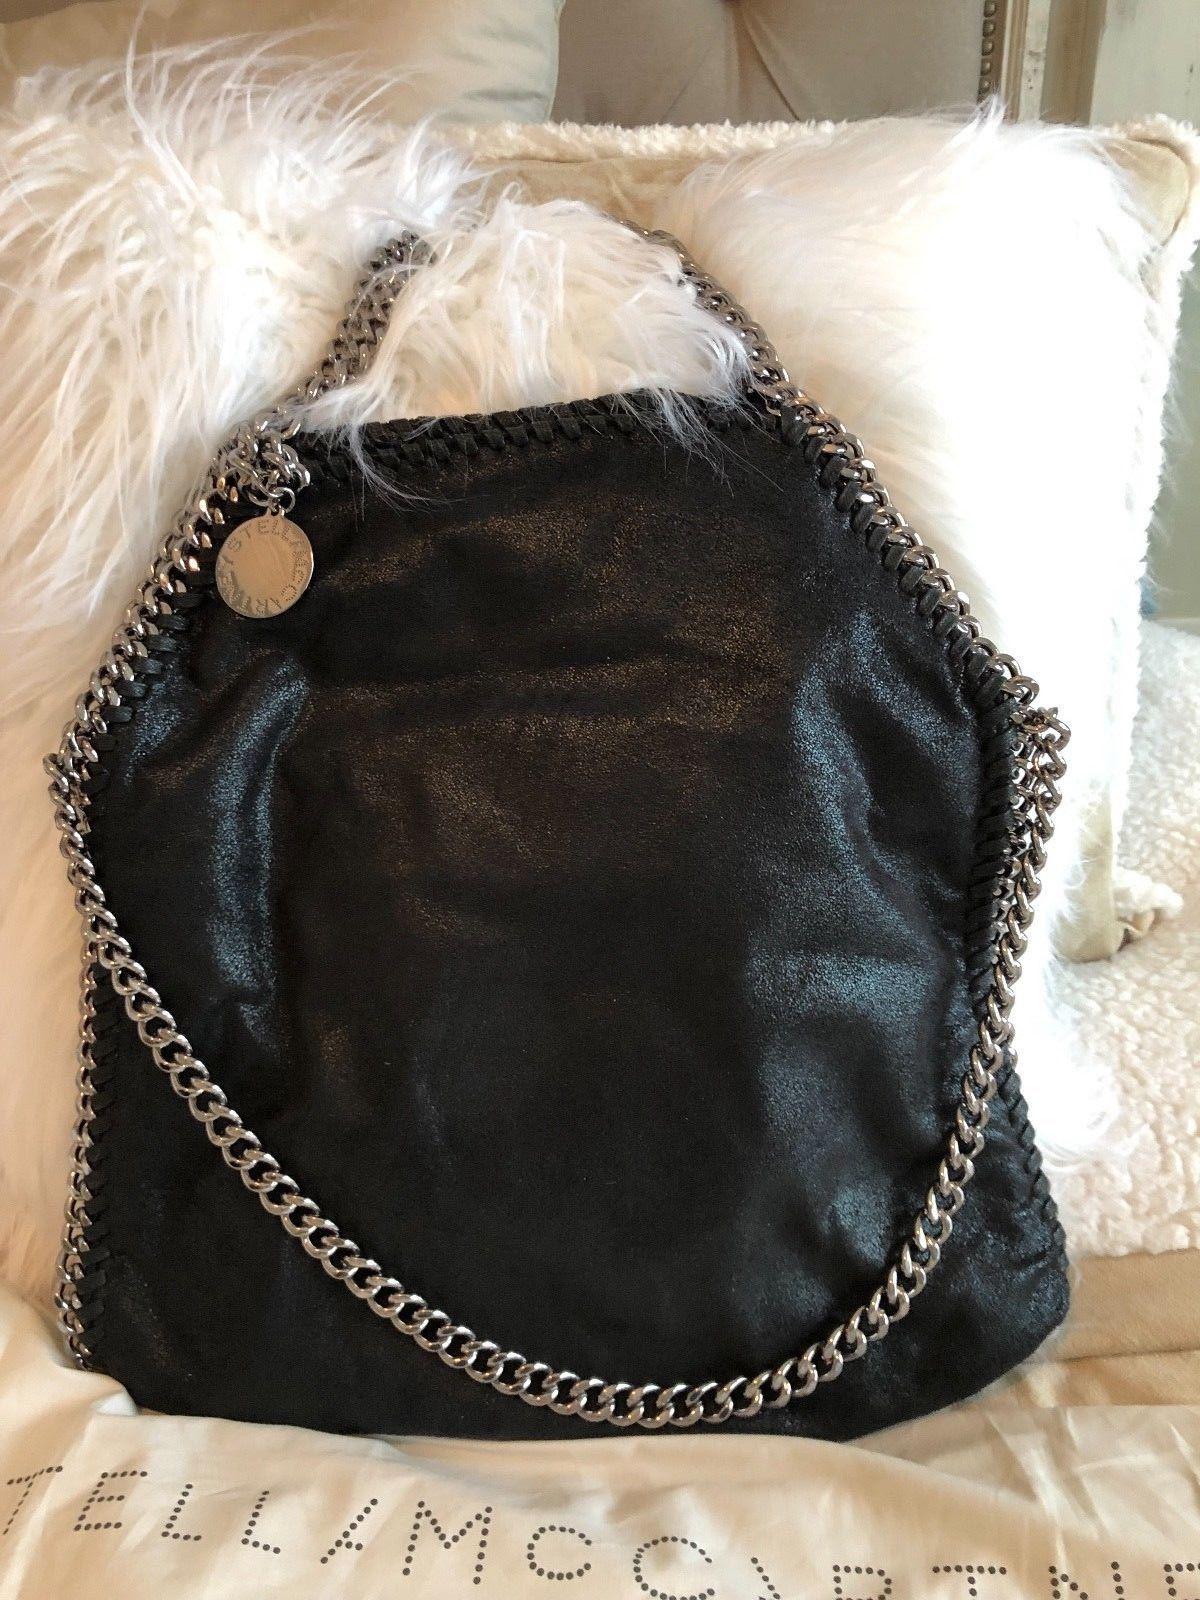 4440641fe5e6 STELLA MCCARTNEY Falabella Shaggy Deer Faux Leather Foldover Black Tote  Handbag  blacktotehandbags